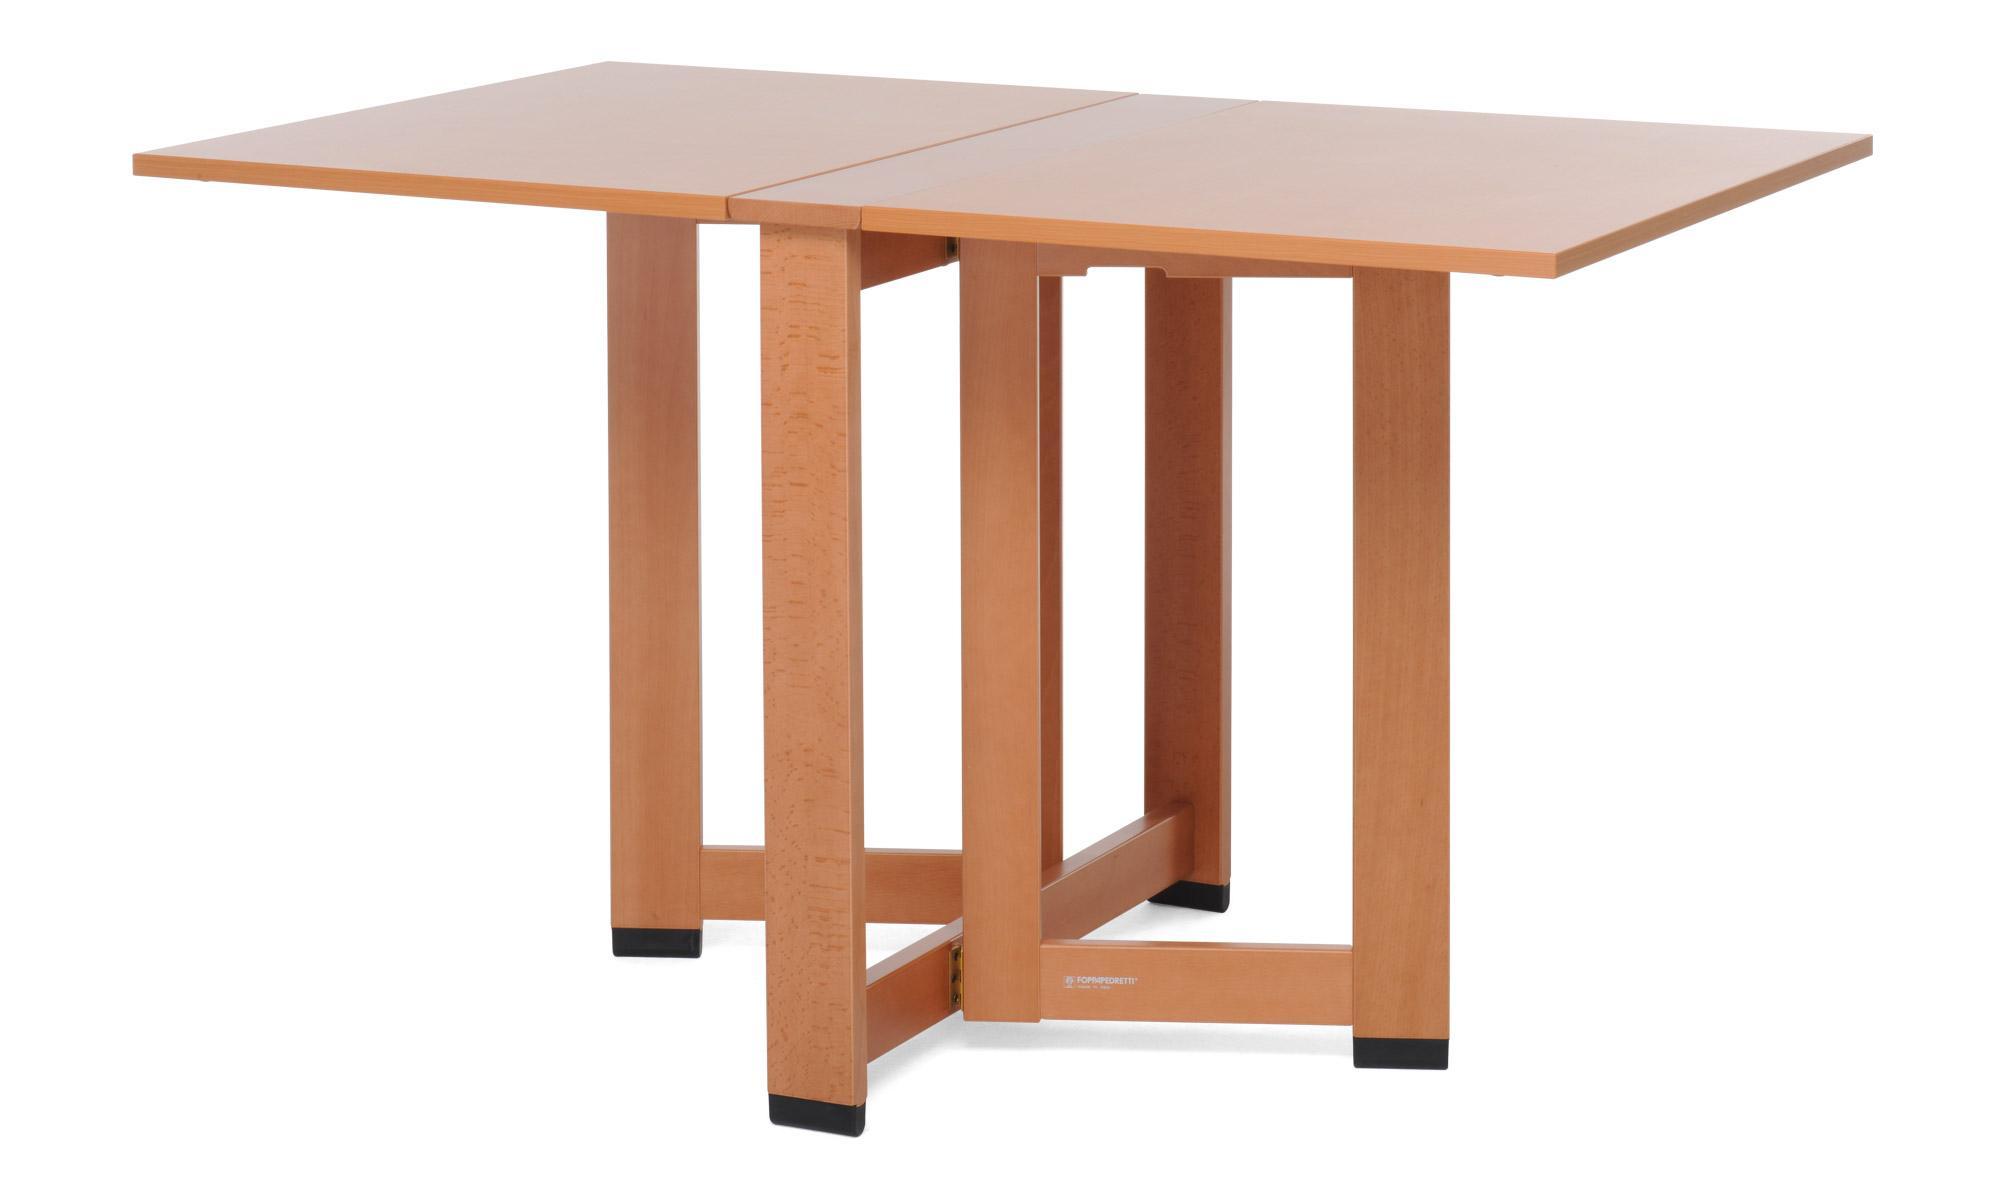 Foppapedretti cartesio tavolo pieghevole noce for Tavolo cucina richiudibile